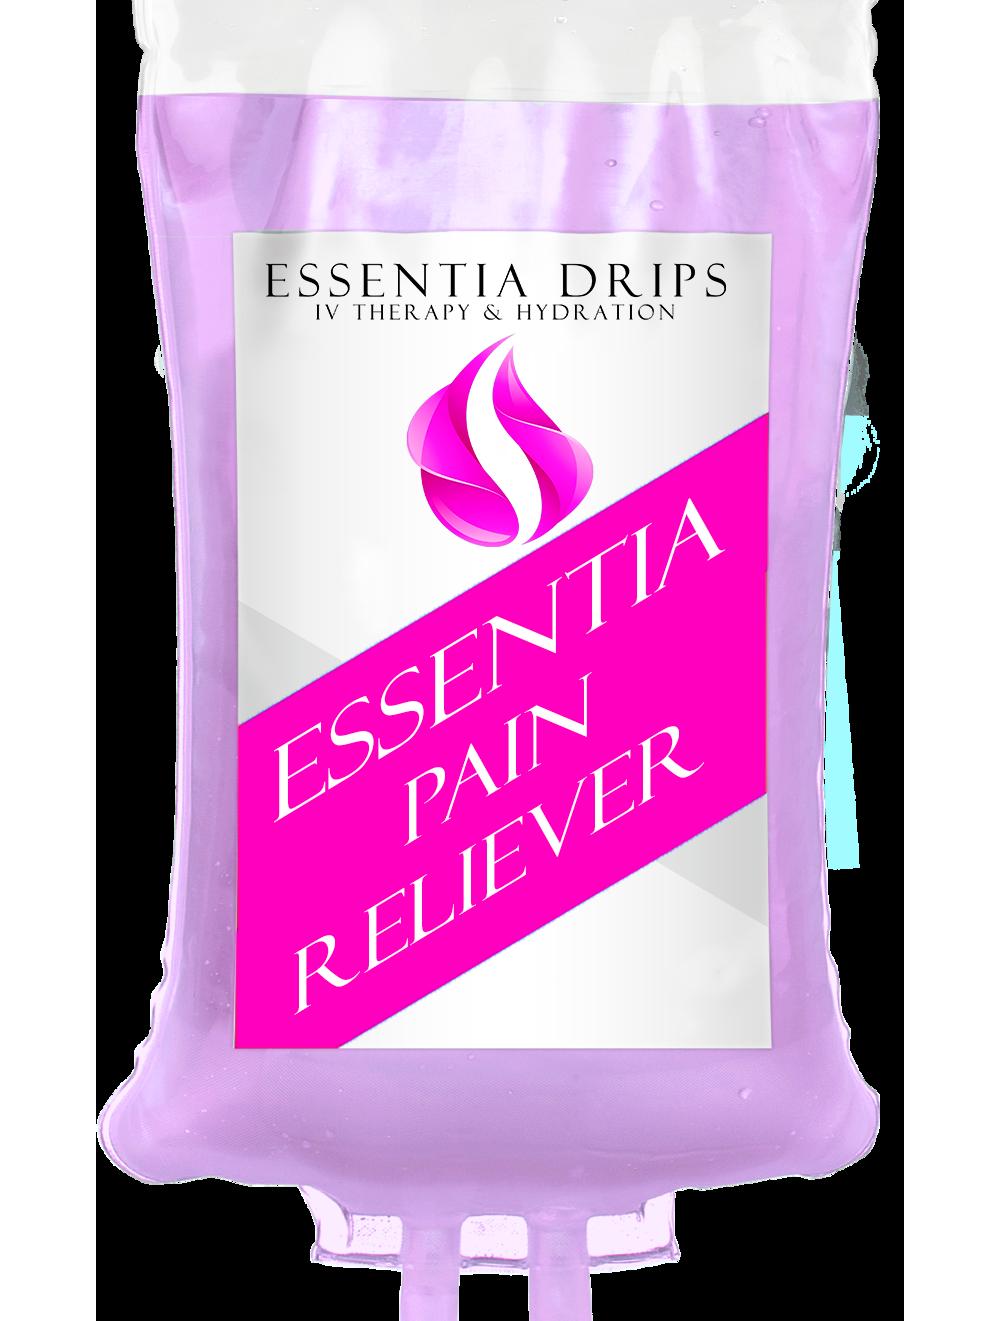 Essentia Pain Reliever